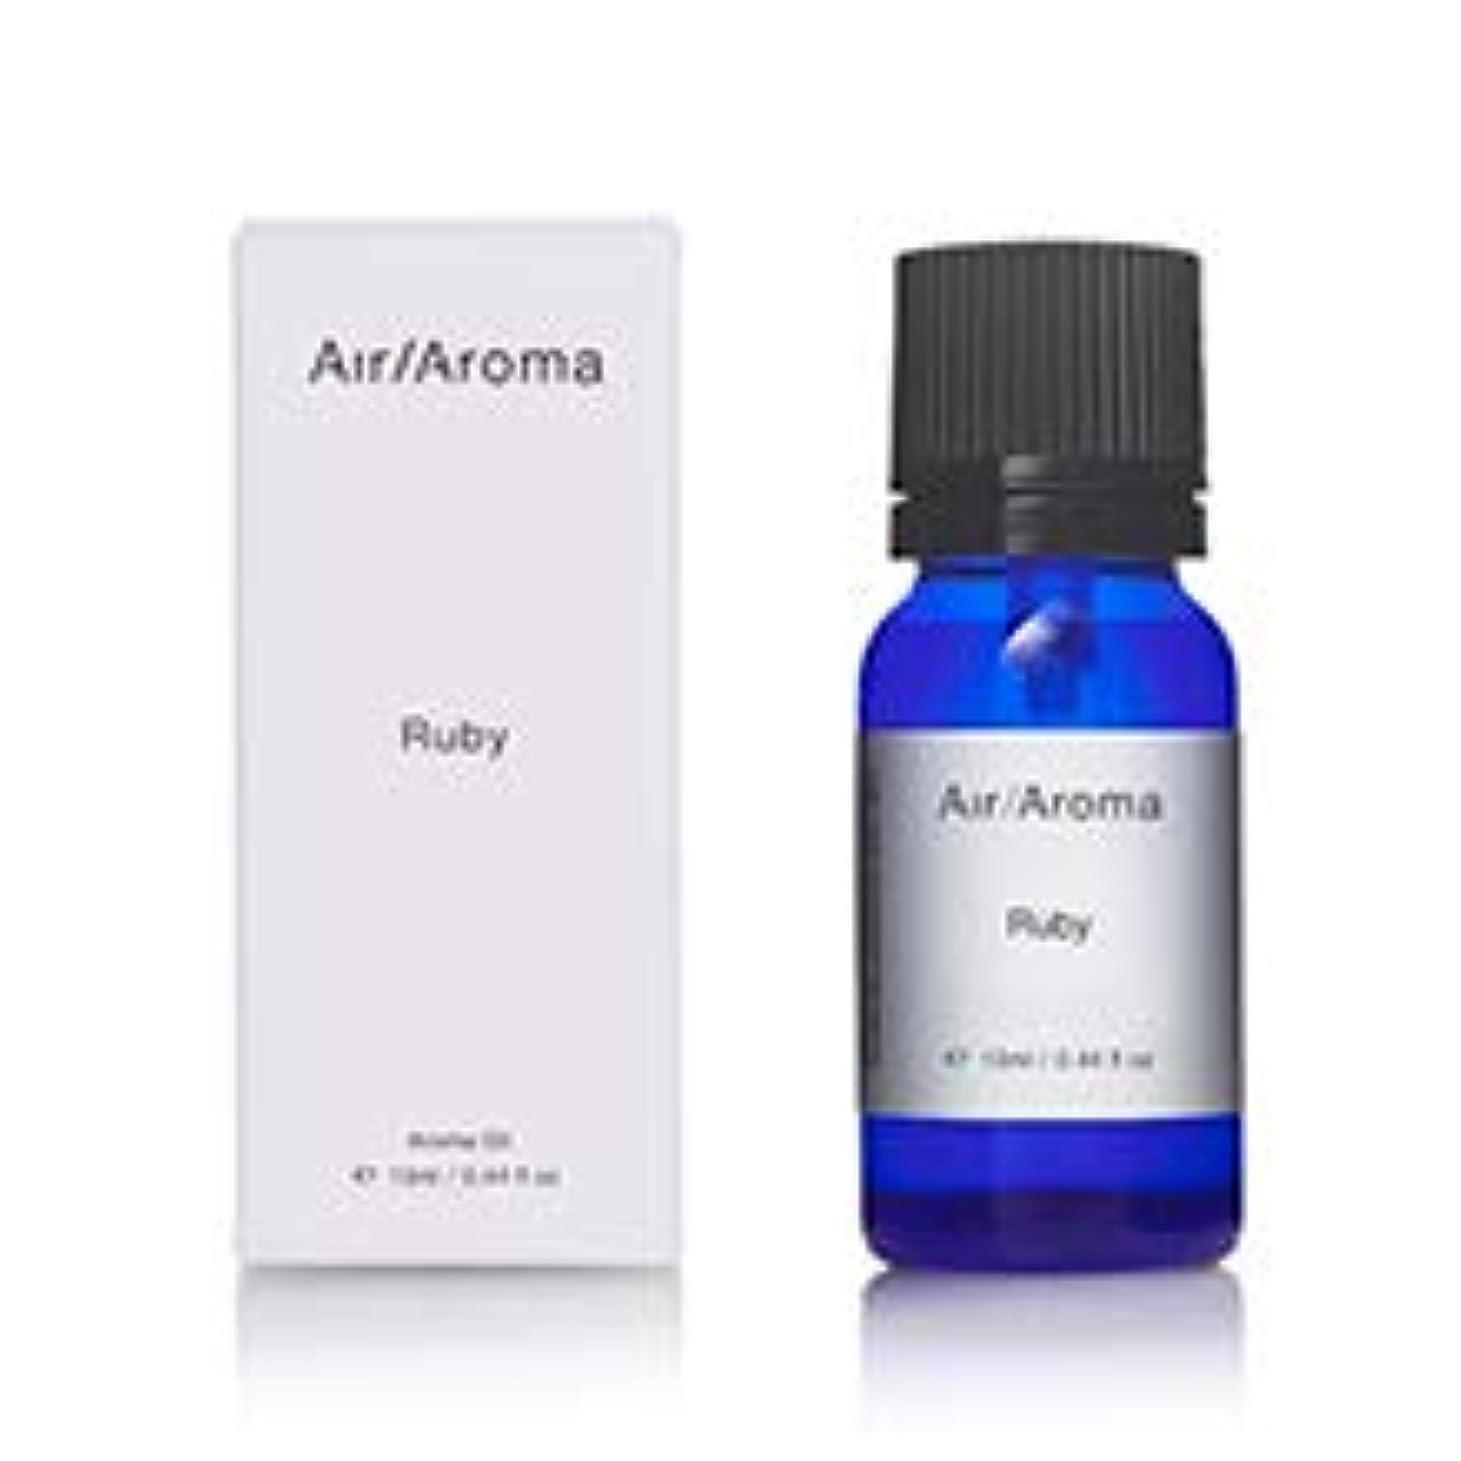 見かけ上特権厚いエアアロマ ruby (ルビー) 13ml